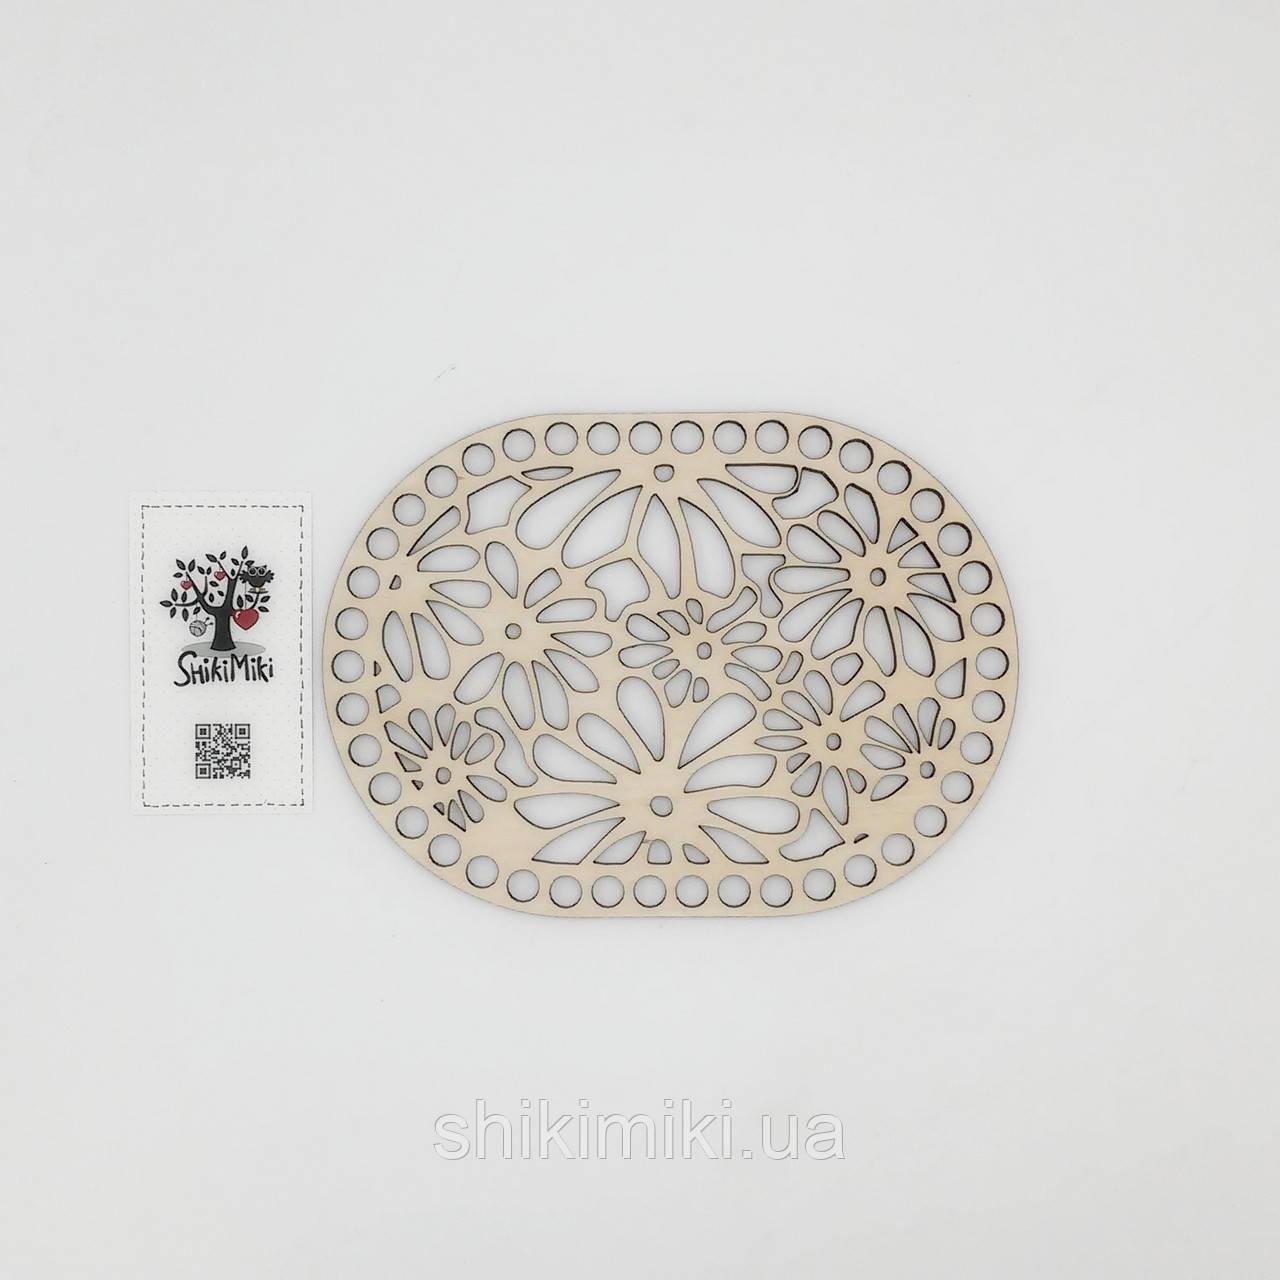 Заготовка из фанеры ажурная овальная -10 (14*19 см)